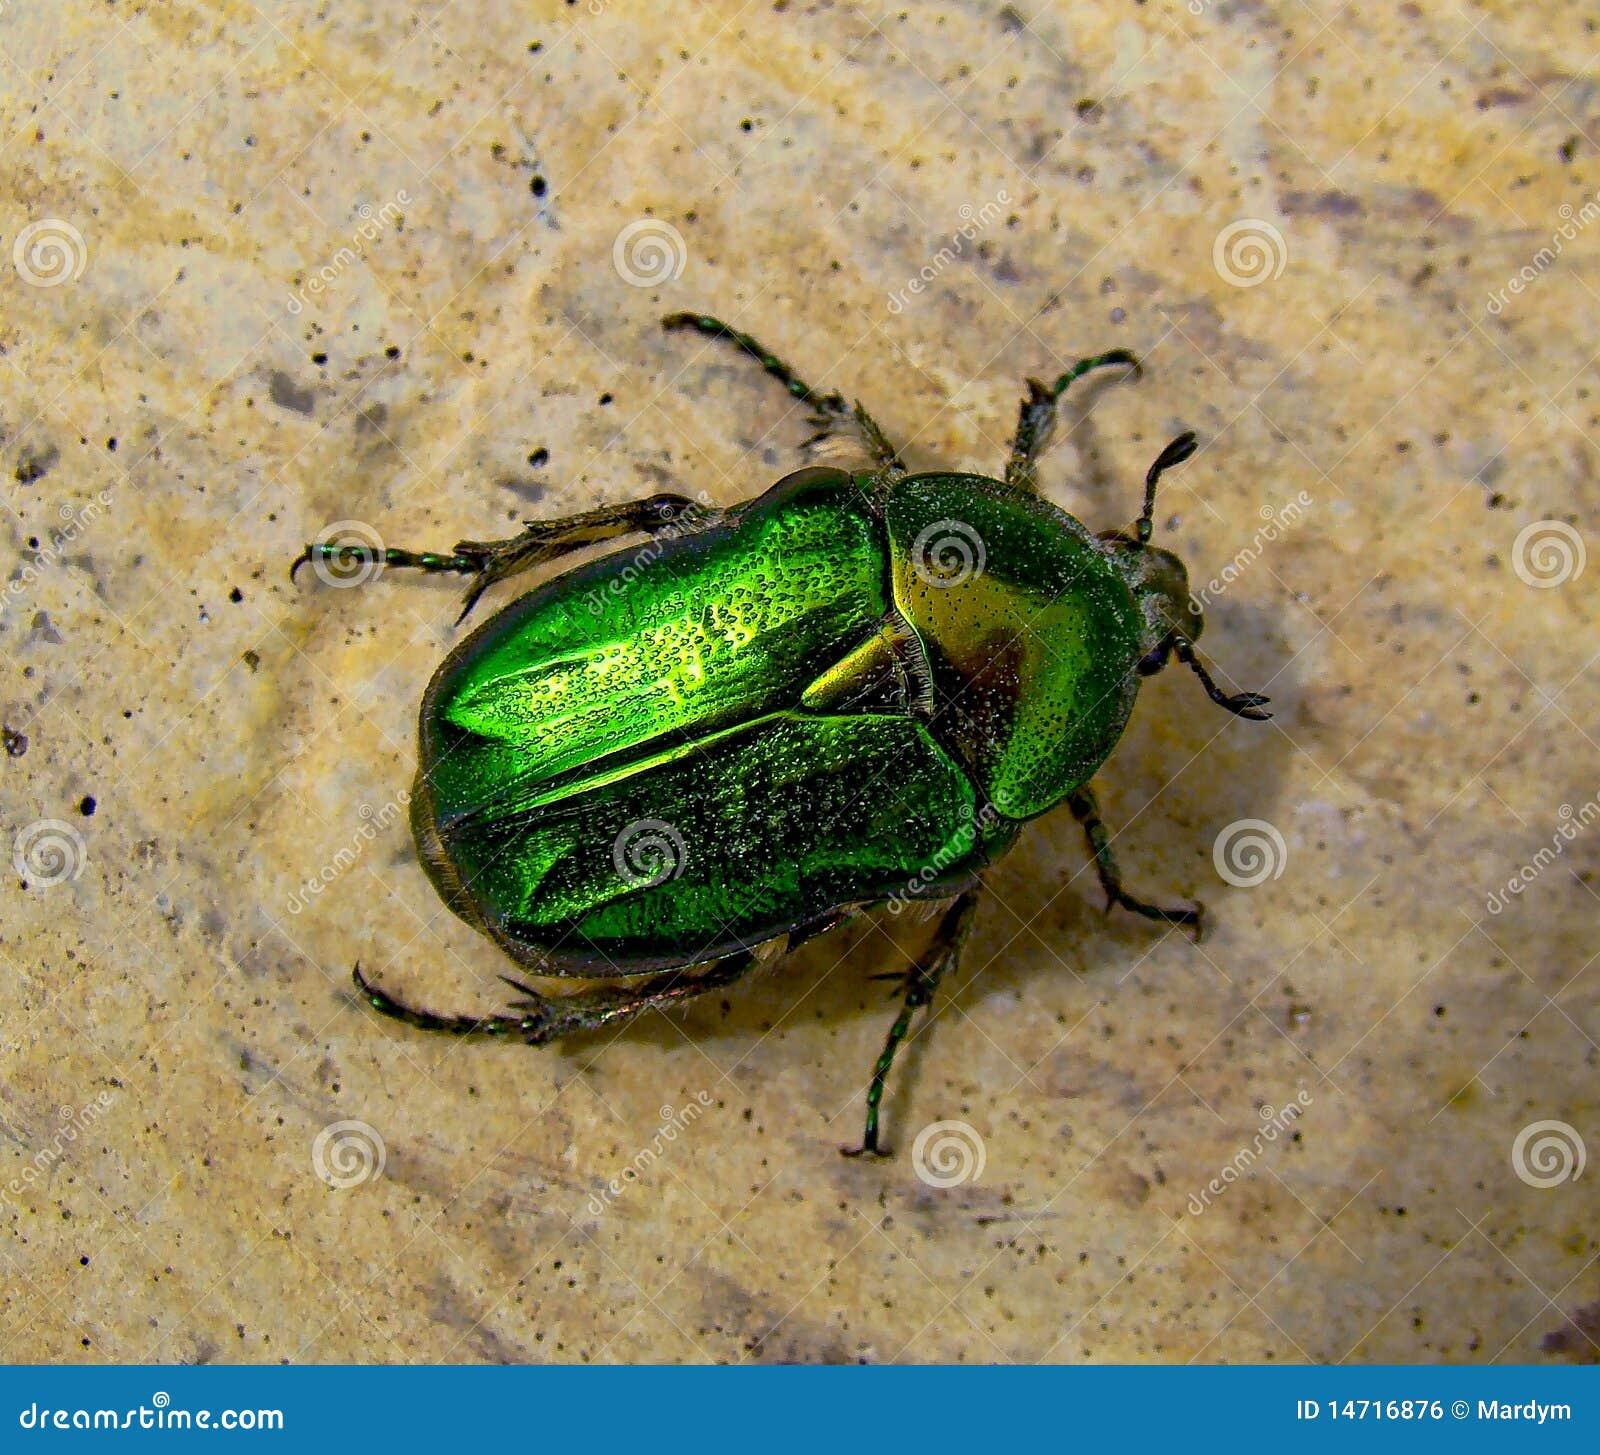 Skarabäus Käfer